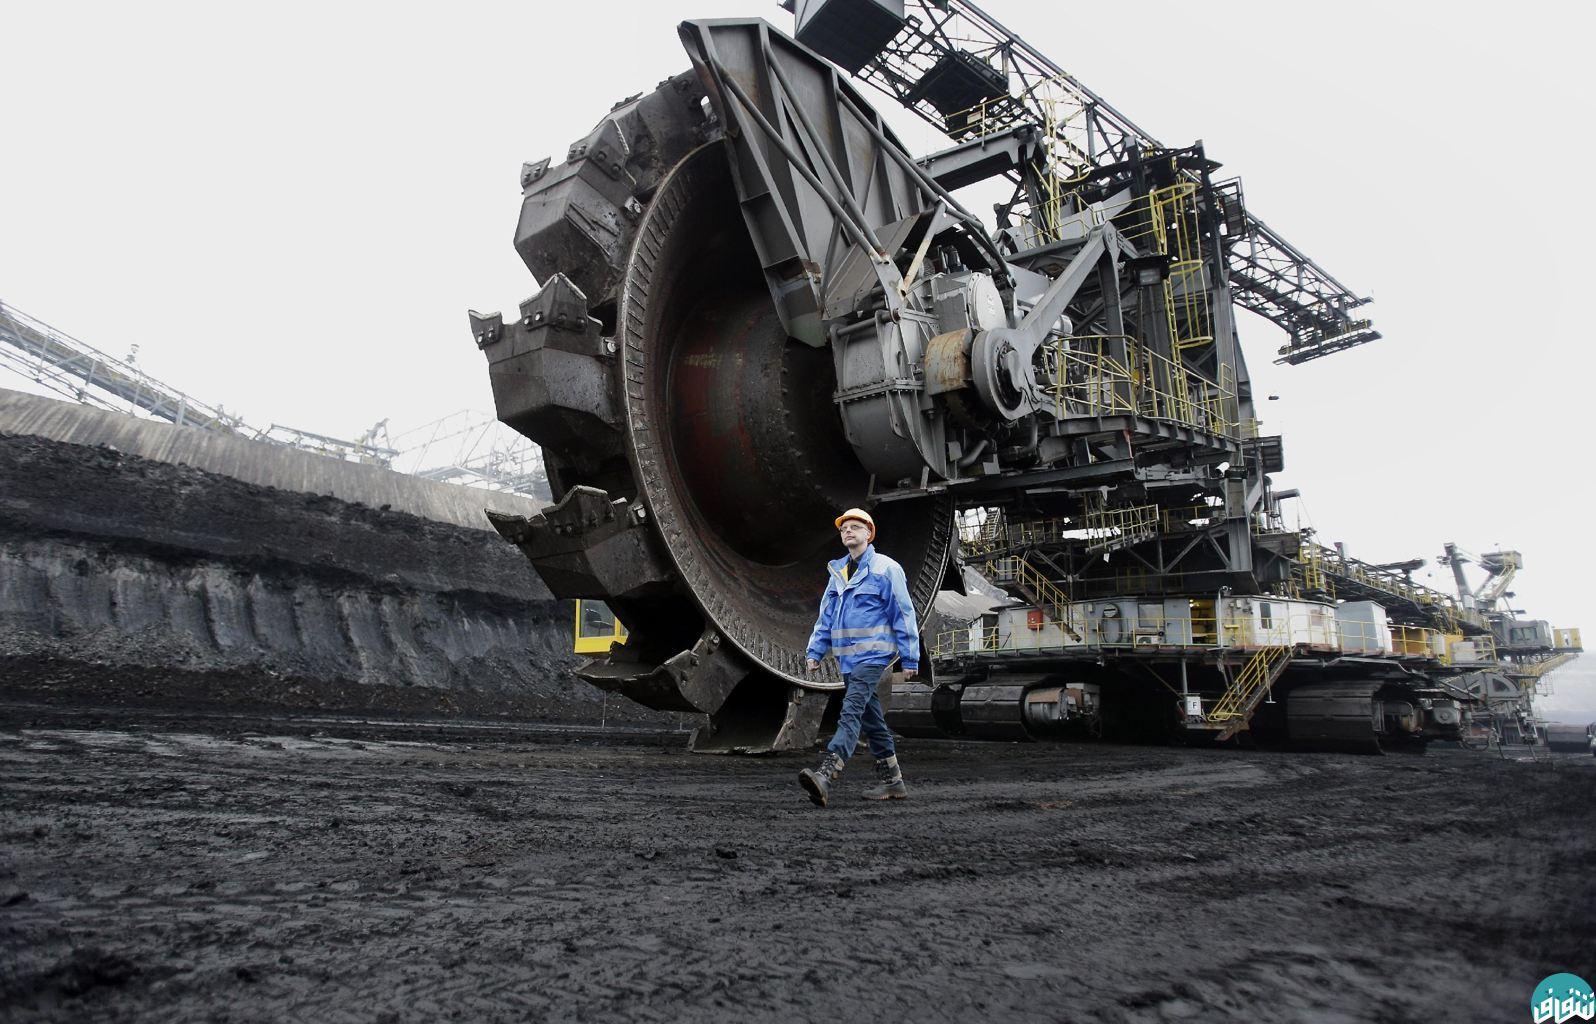 صندوق بیمه سرمایه گذاران معدنی،توسط فعالان ماشین های معدنی متهم به رانت است